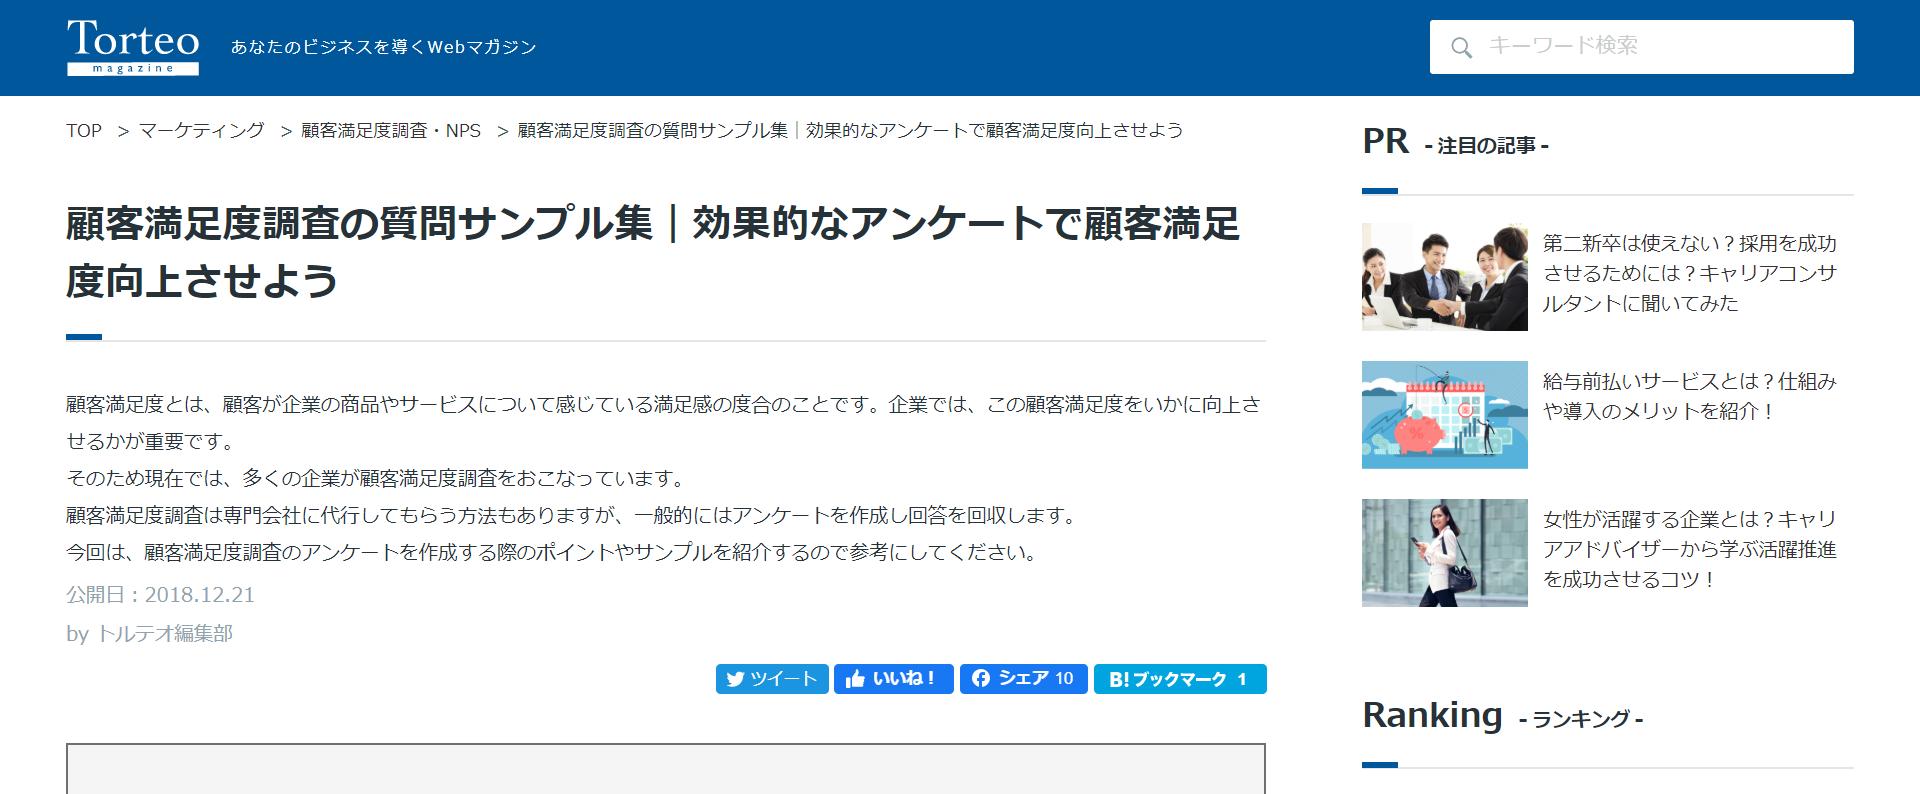 顧客ニーズ_4